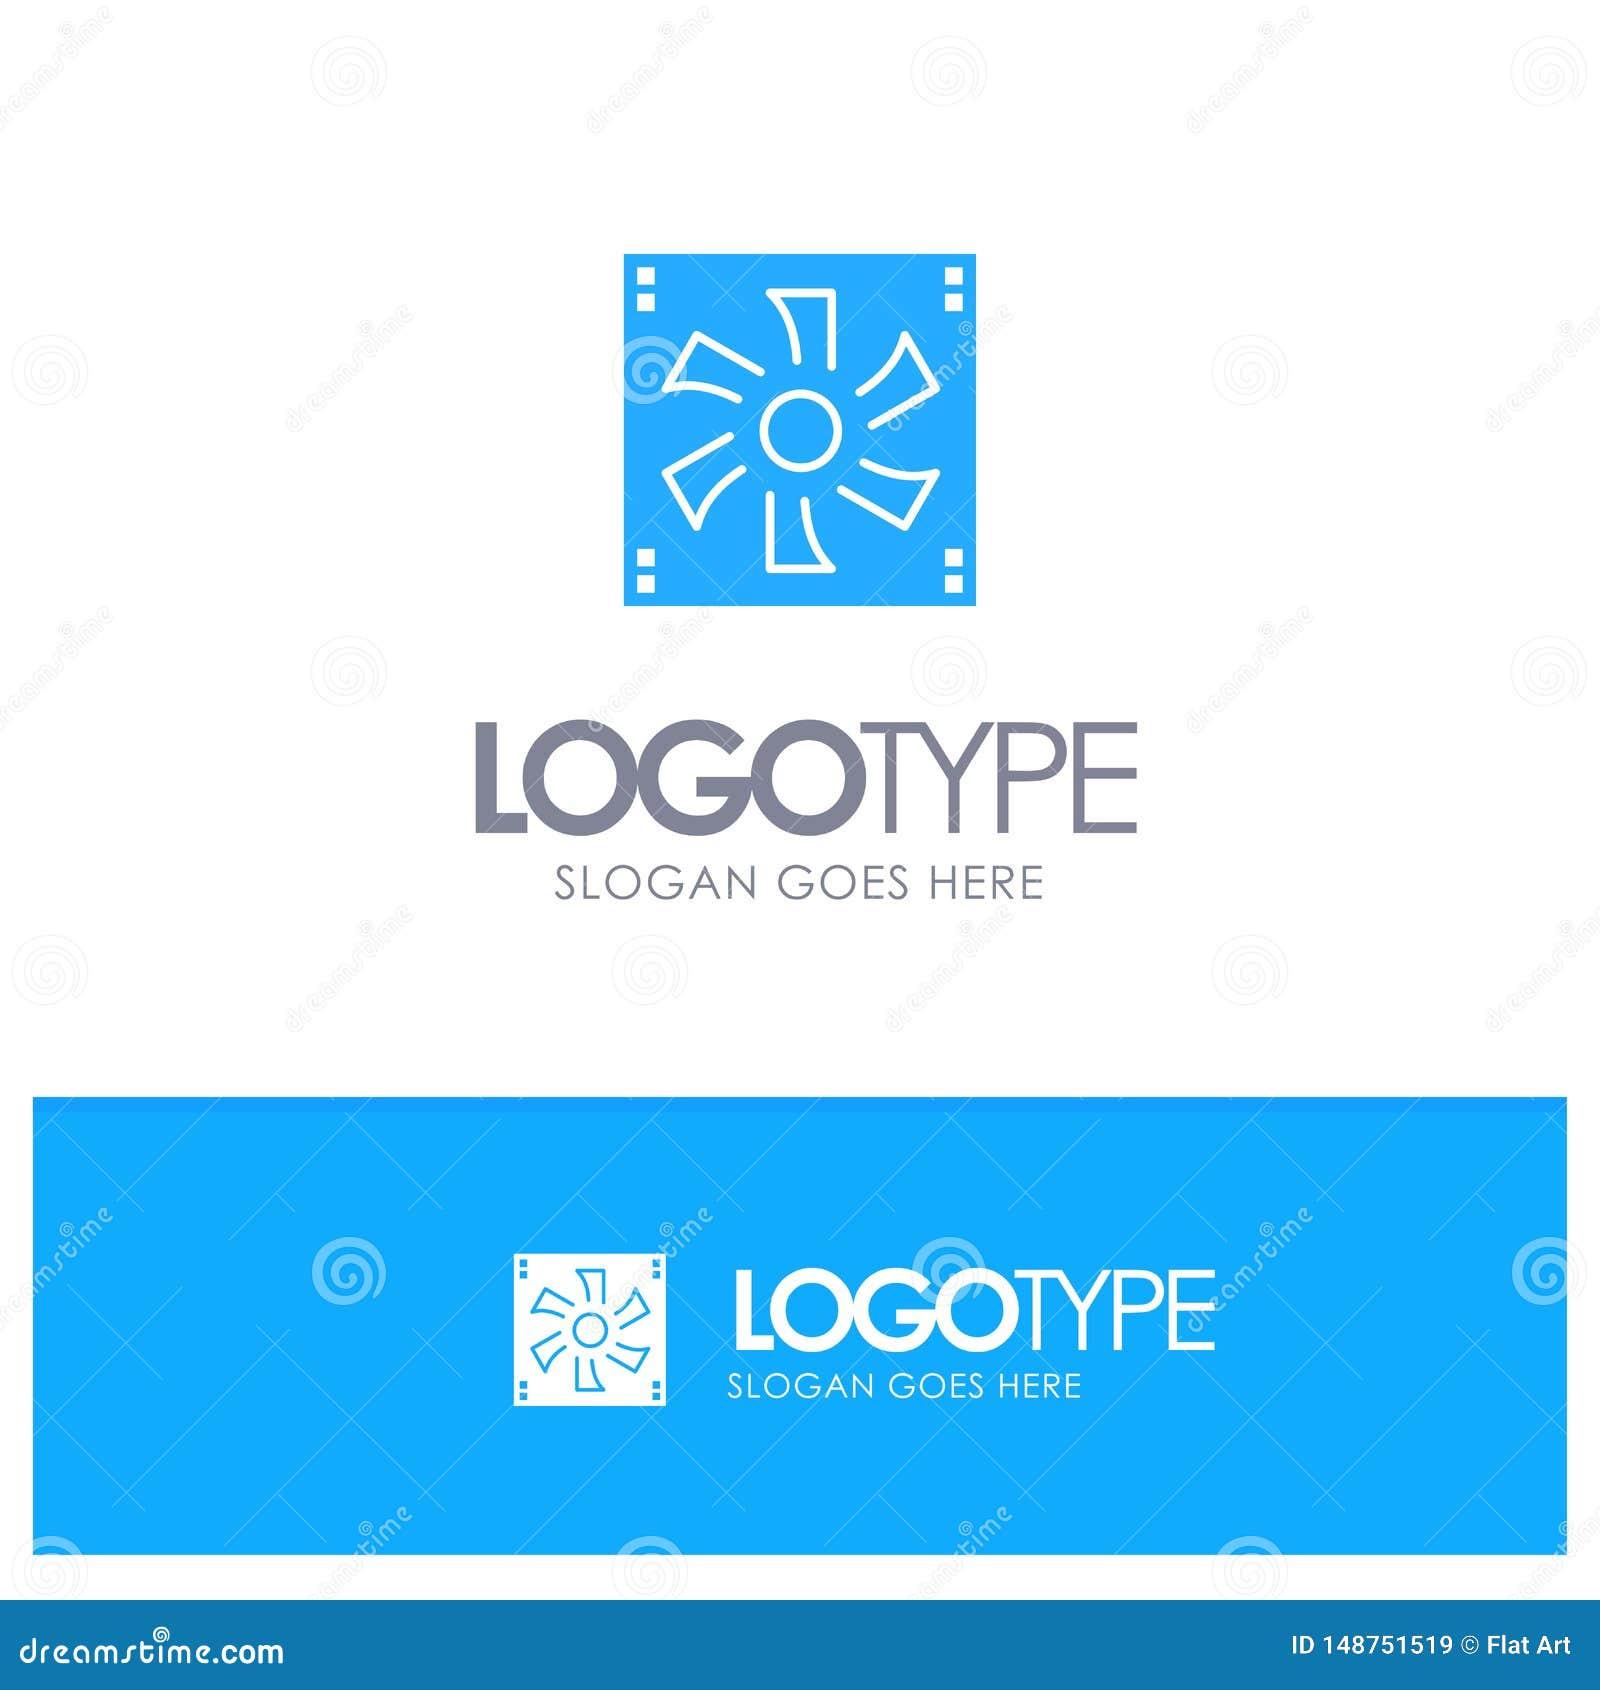 Более крутой вентилятор, компьютер, охладитель, прибор, логотип вентилятора голубой твердый с местом для слогана